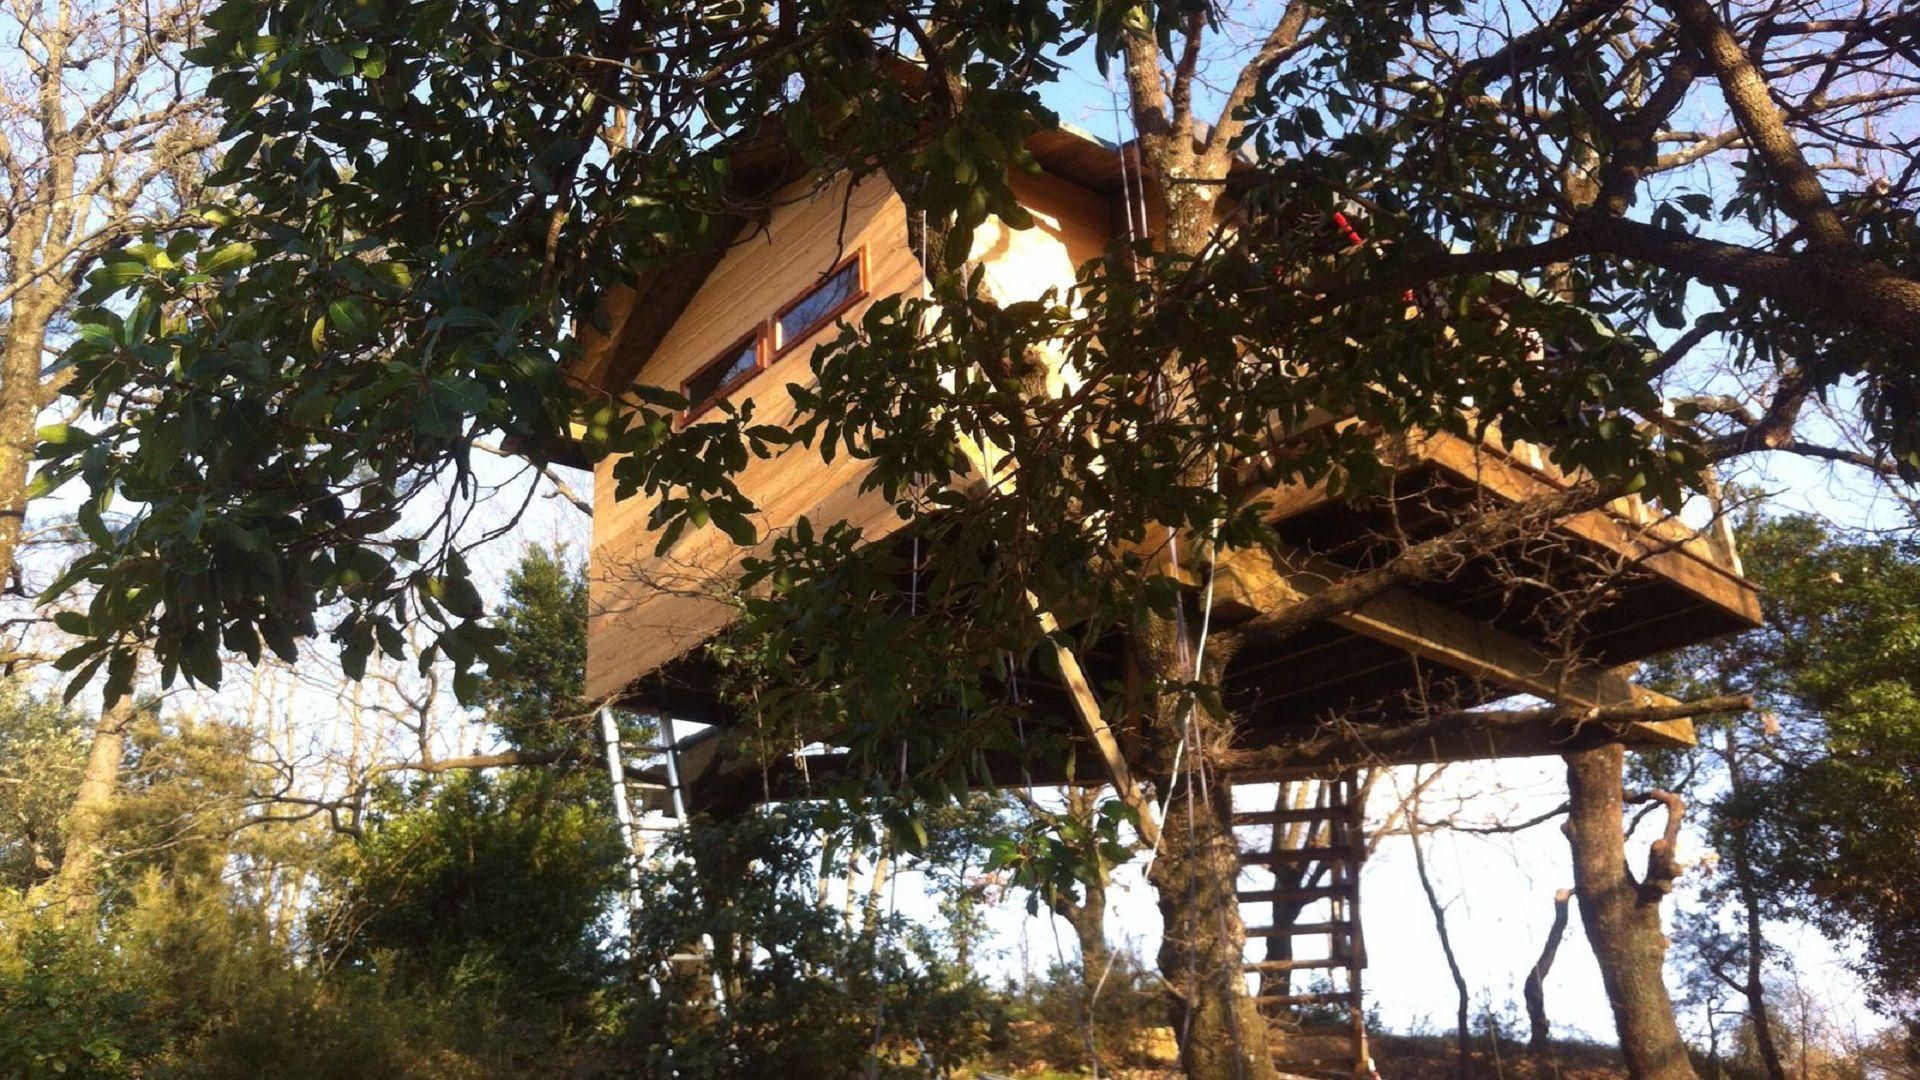 casalberi.it costruisce suites case sugli alberi per il trentino alto adige trento e bolzano